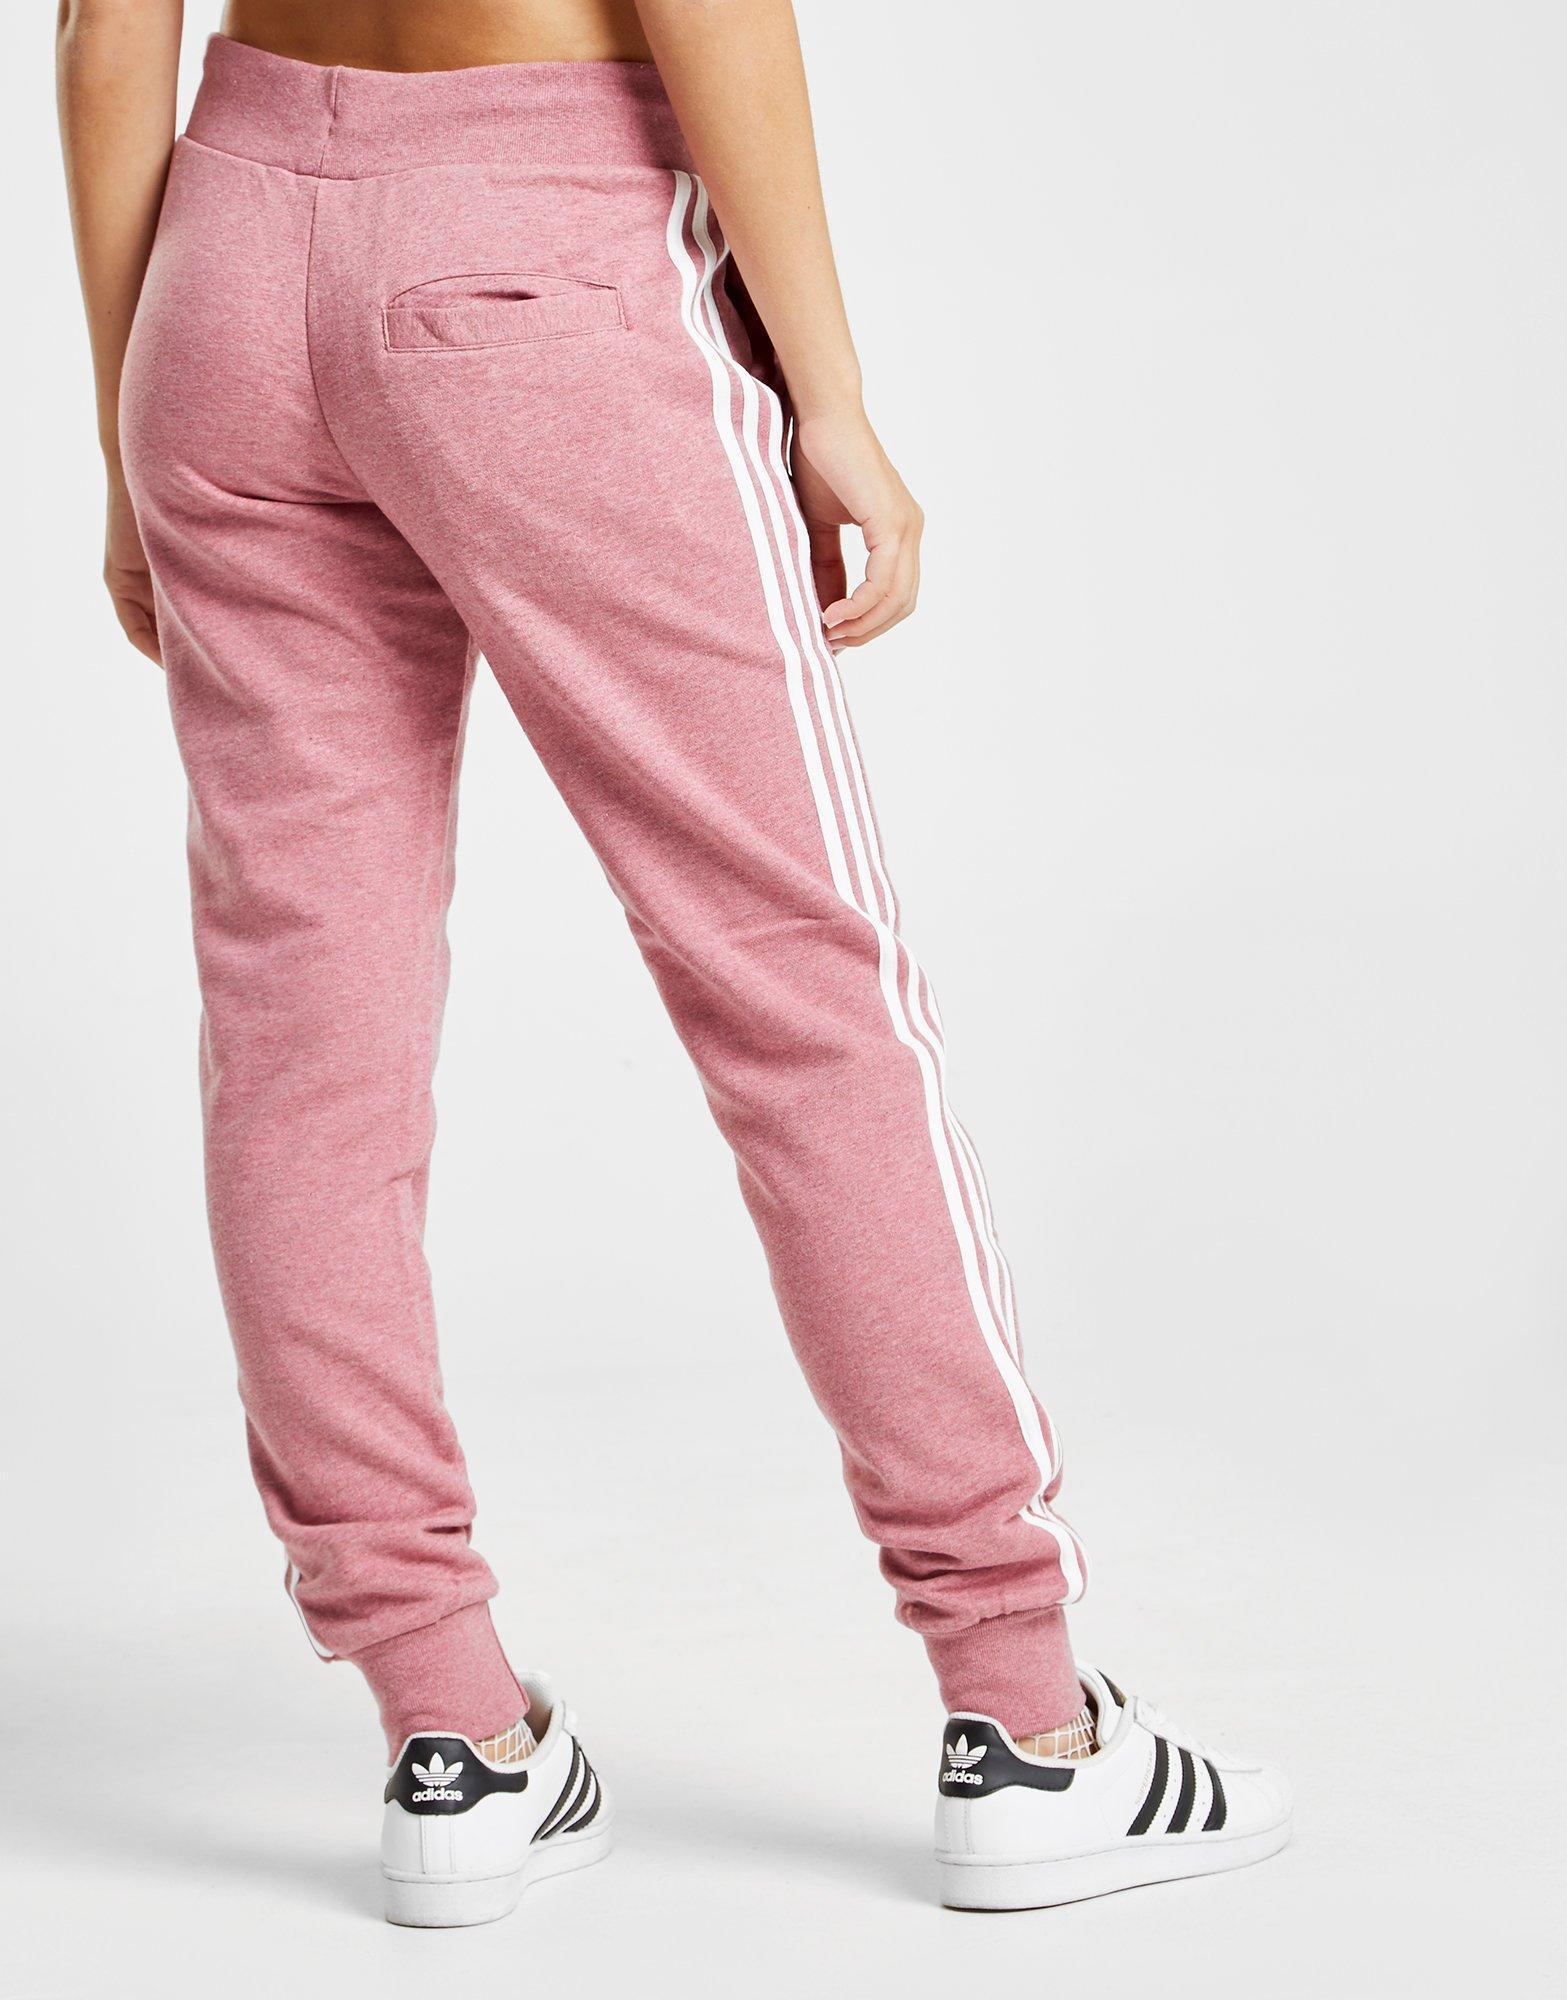 adidas Originals 3 Stripes Pants Junior | JD Sports